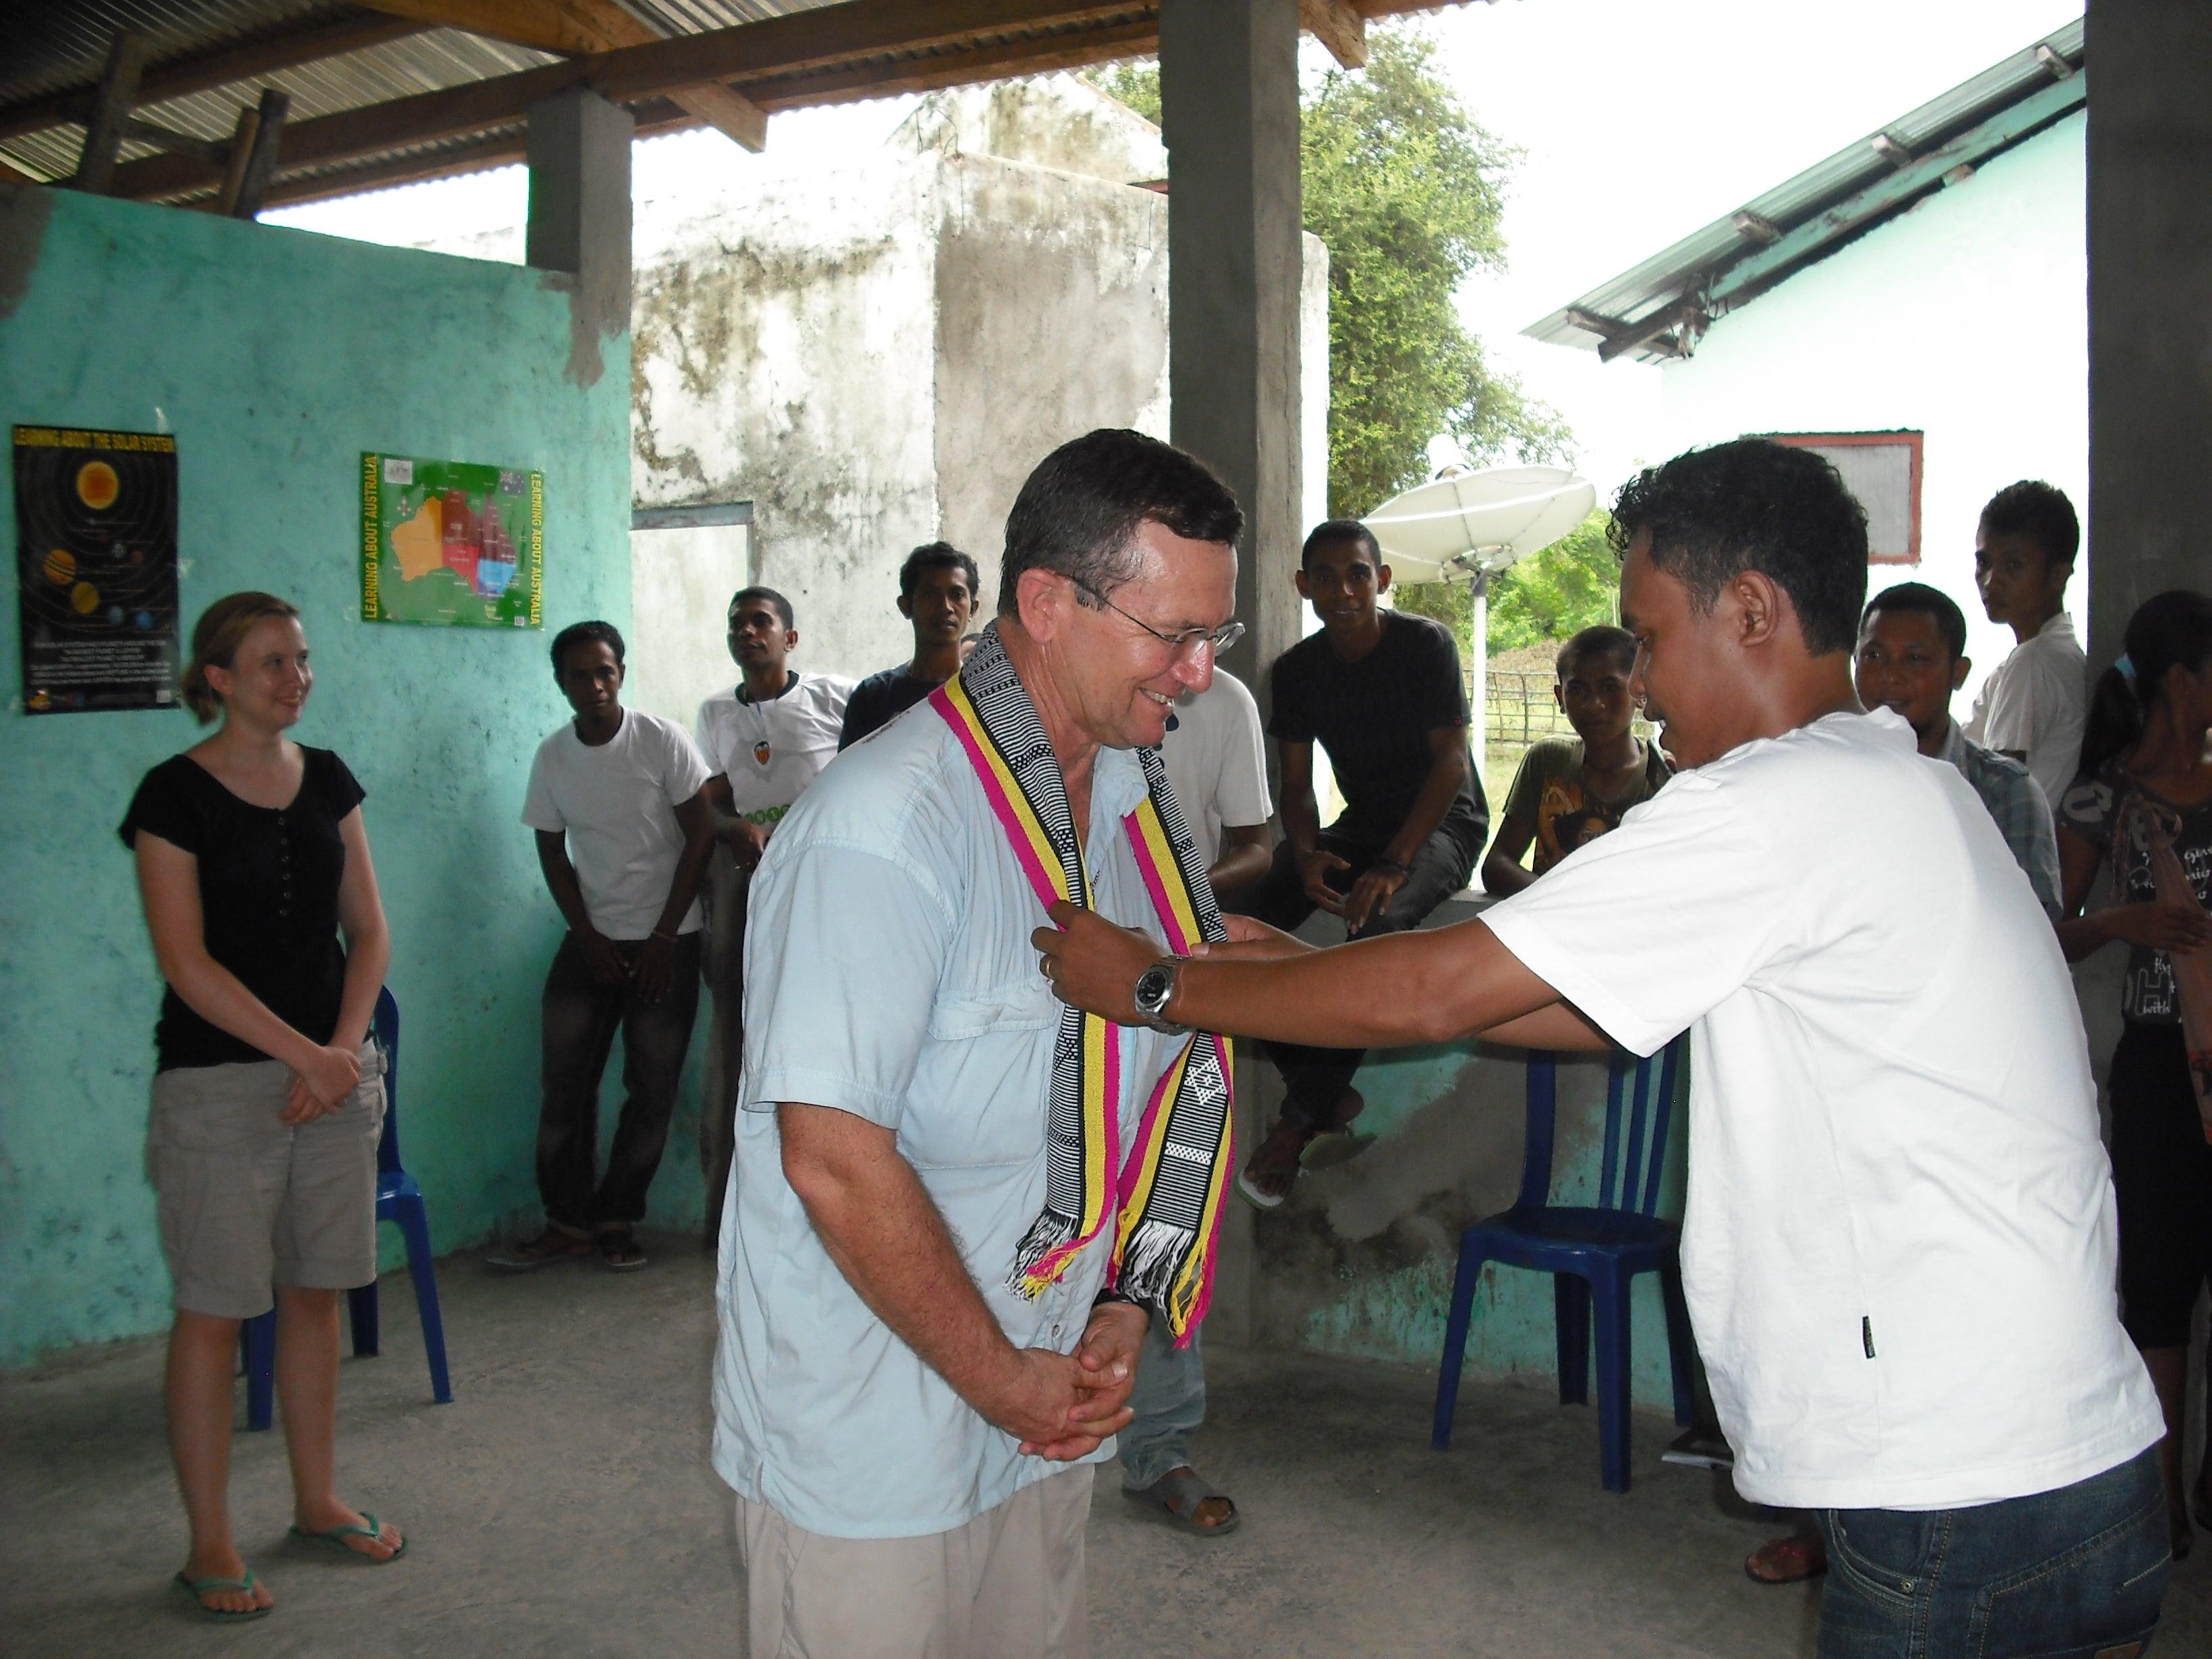 East Timor 2011